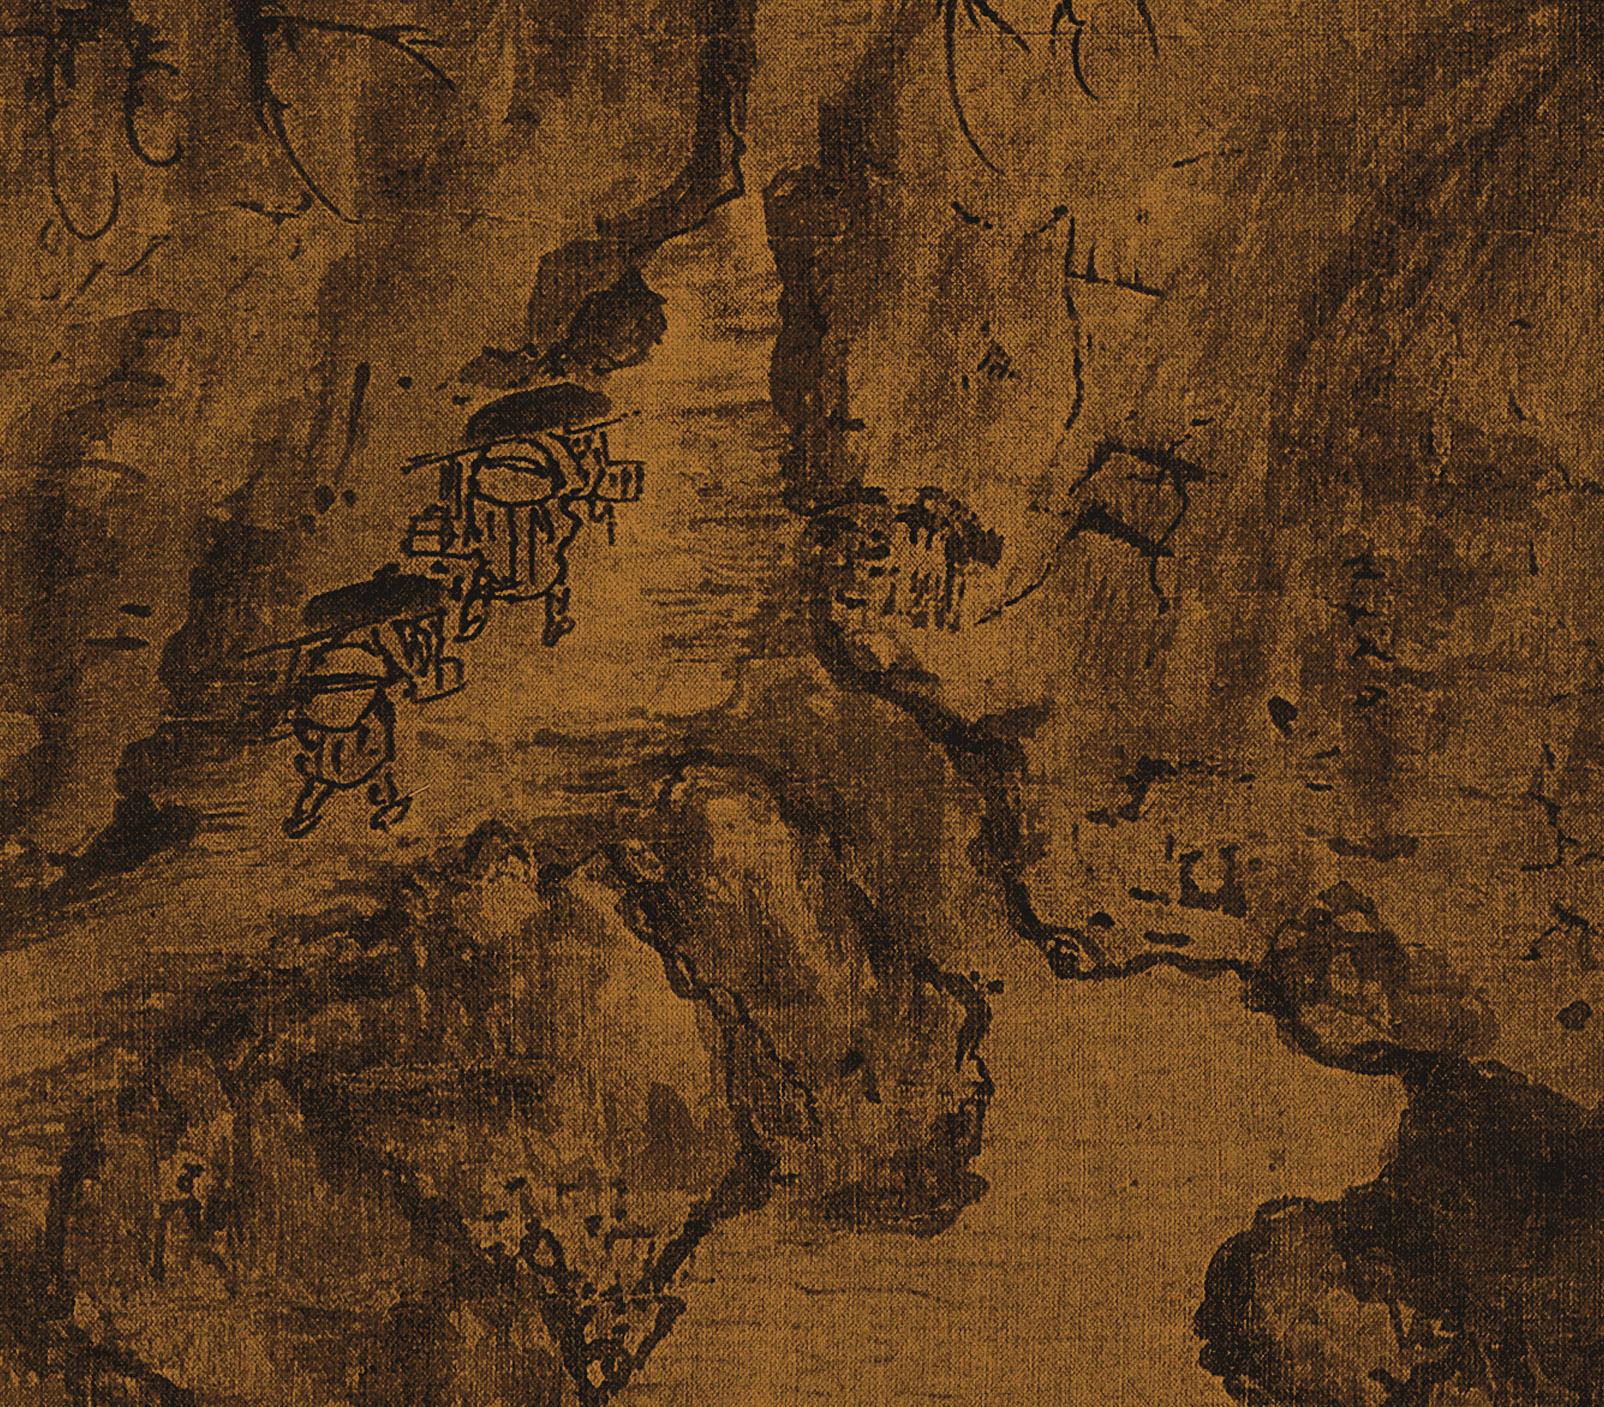 1:1北宋 郭熙 早春圖 絹本中國山水畫臨摹范本超高清藝術微噴